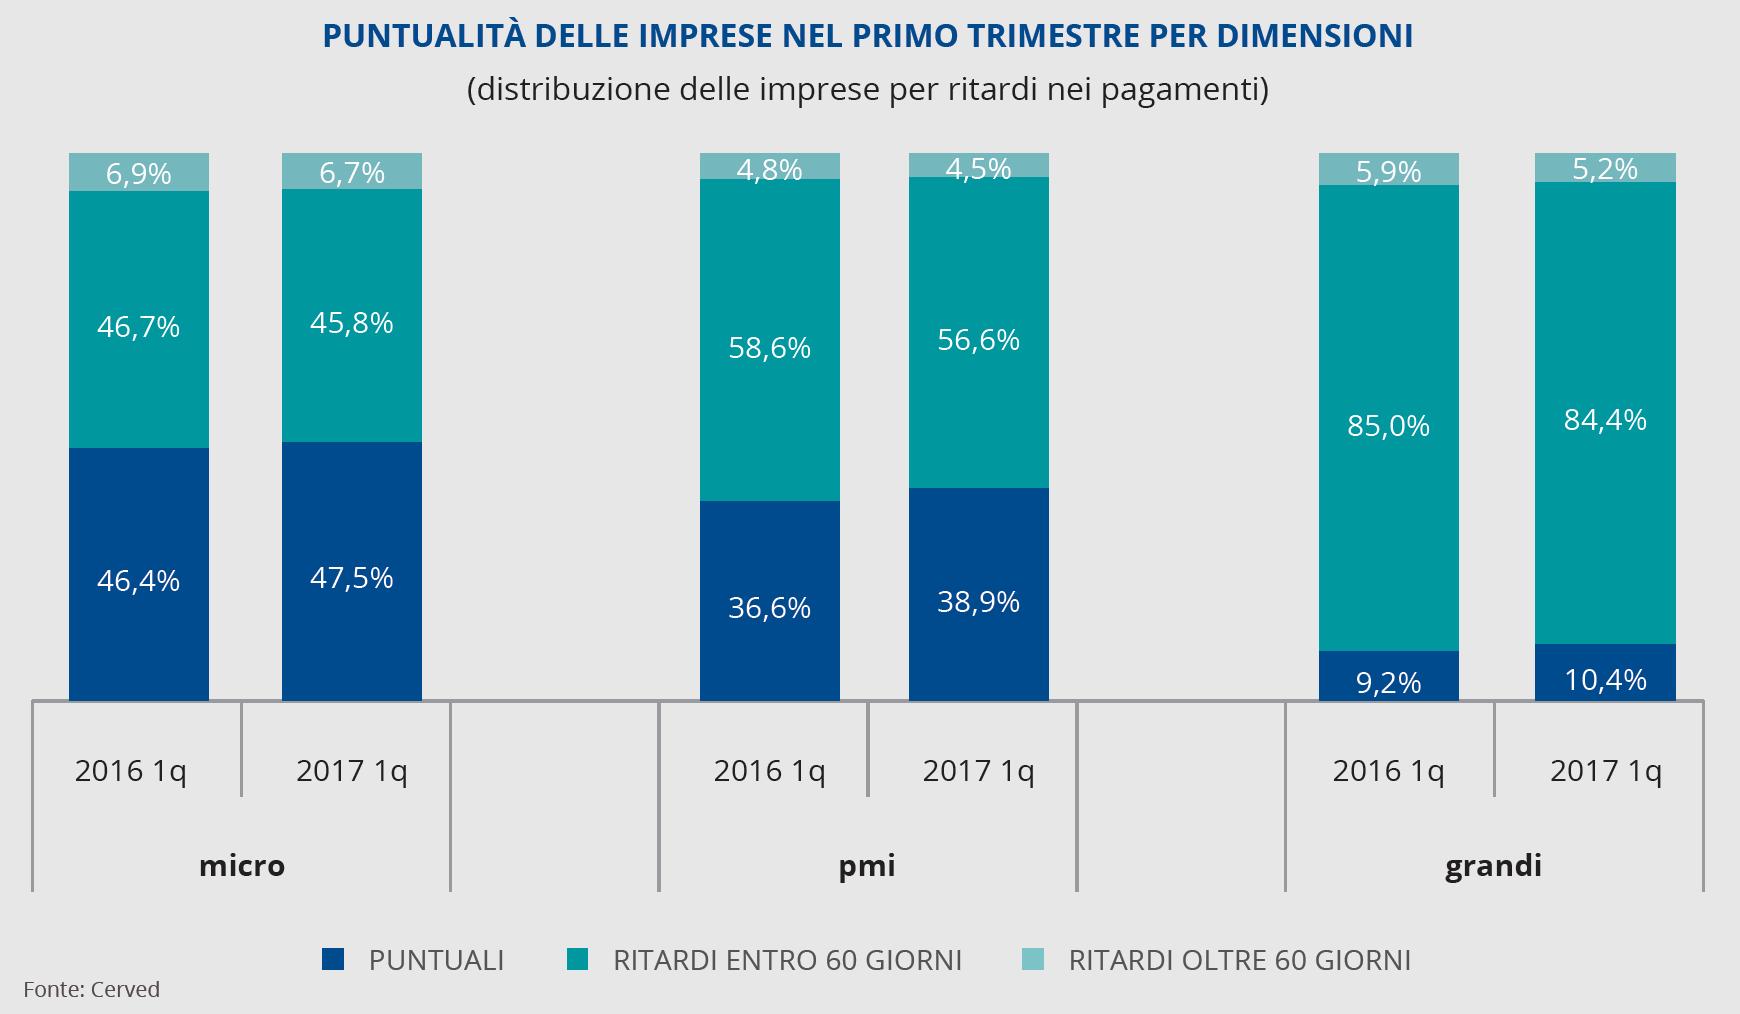 puntualità delle imprese nel primo trimestre per dimensioni